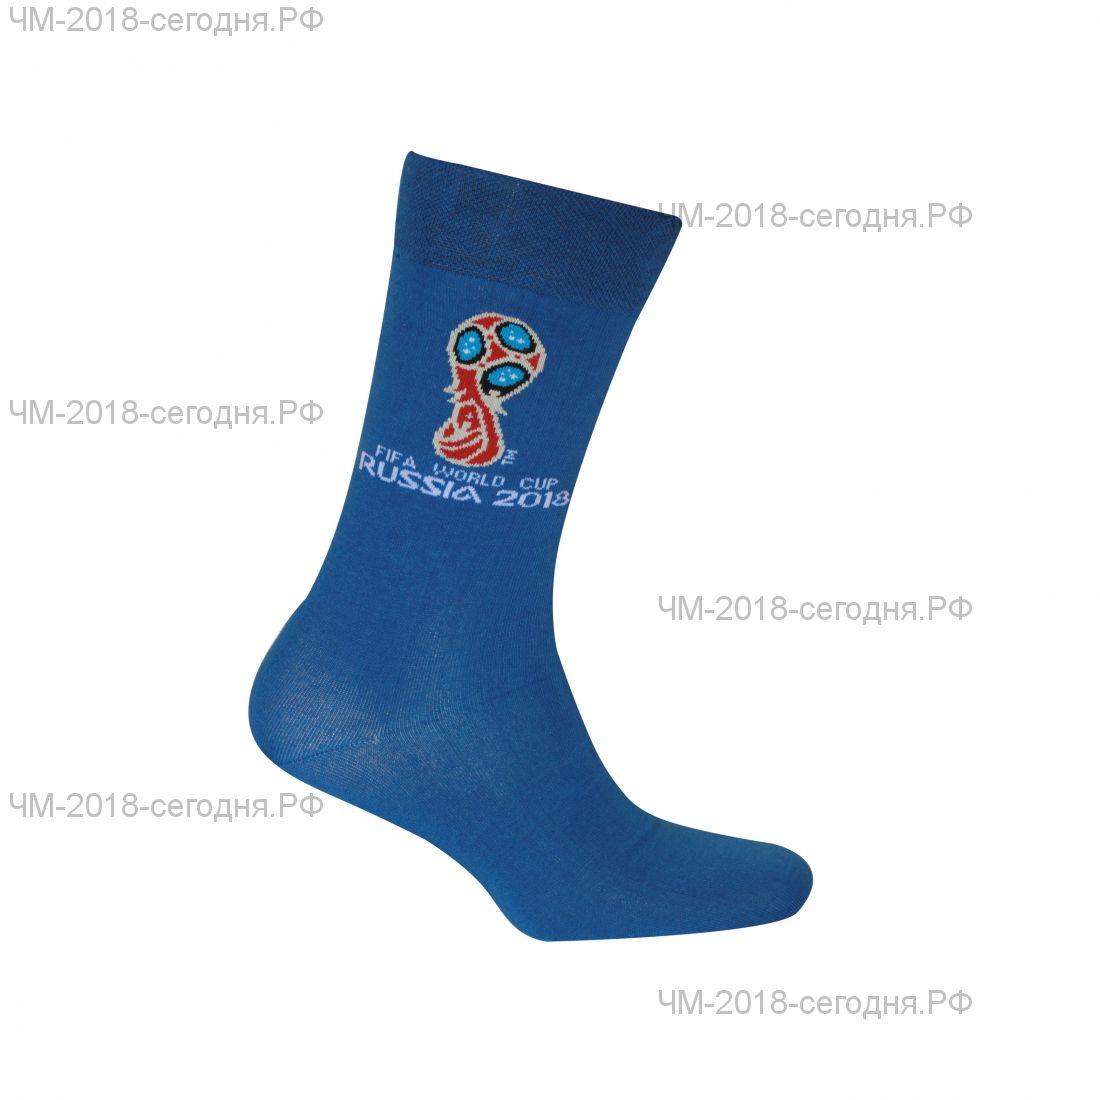 Носки с официальной эмблемой Кубок FIFA 2018 (синие)